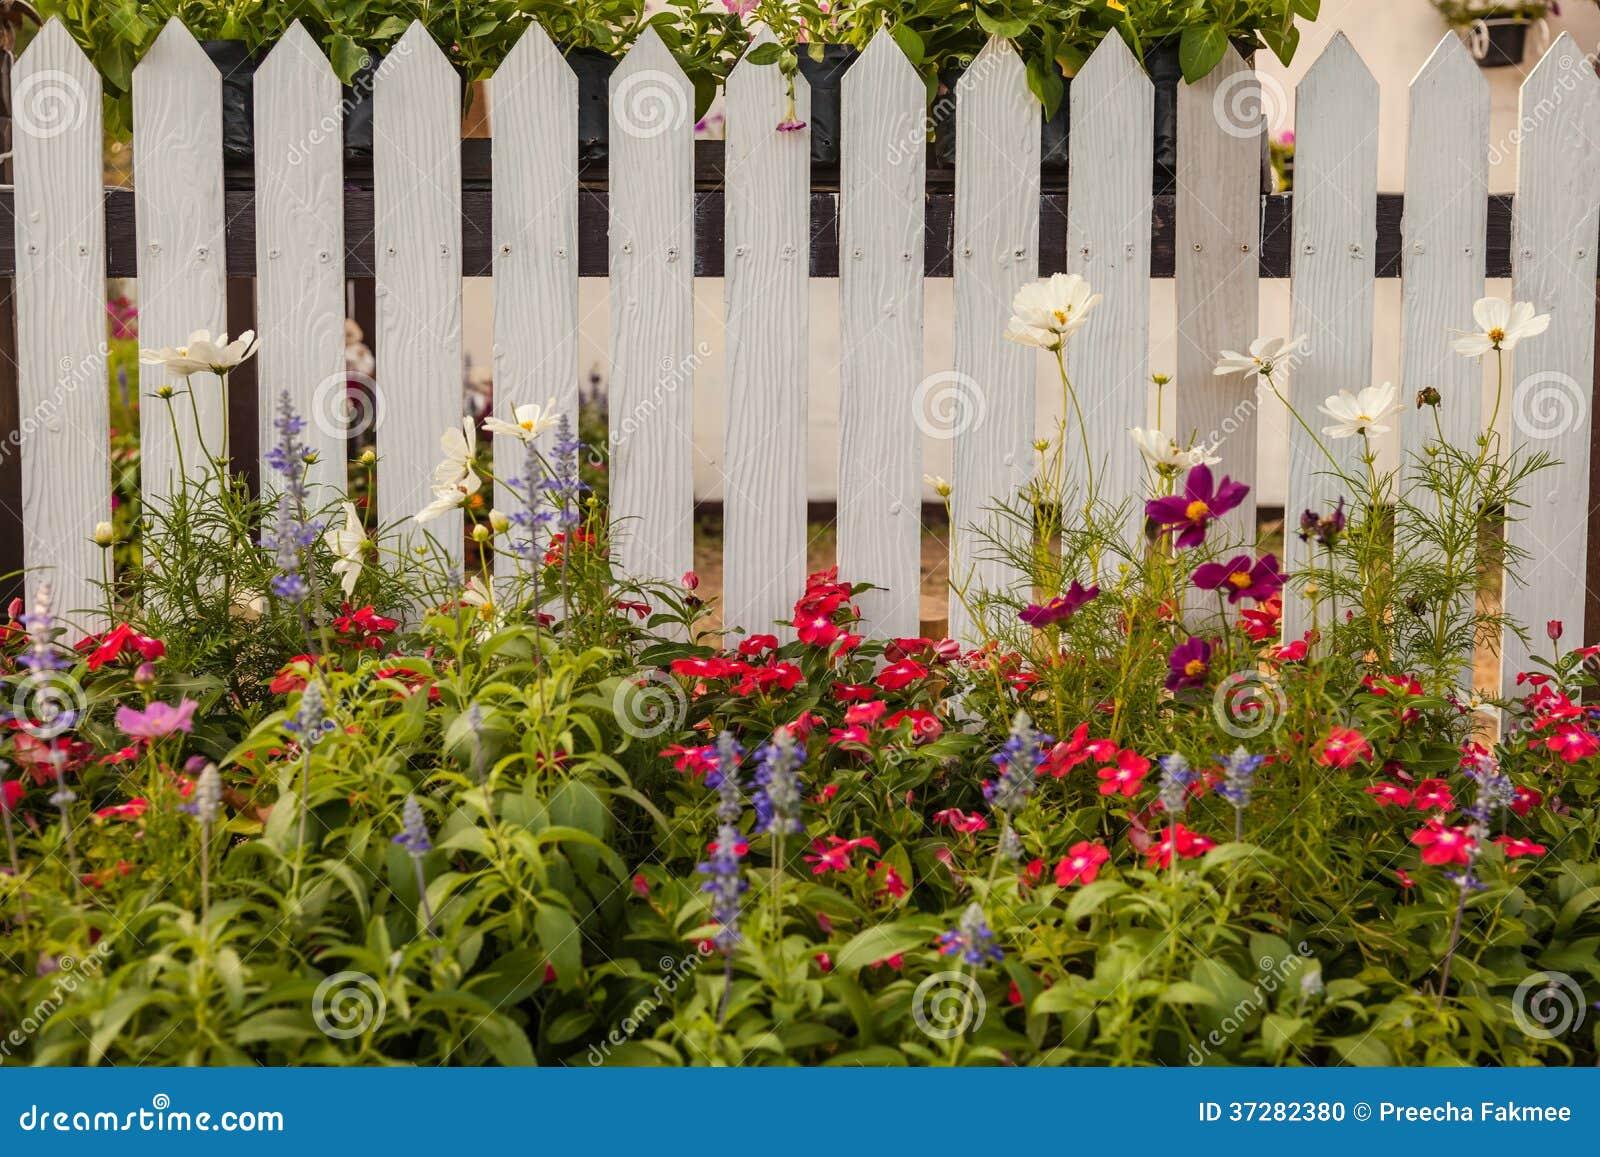 Weißer Zaun Mit Blumen Stockfoto Bild